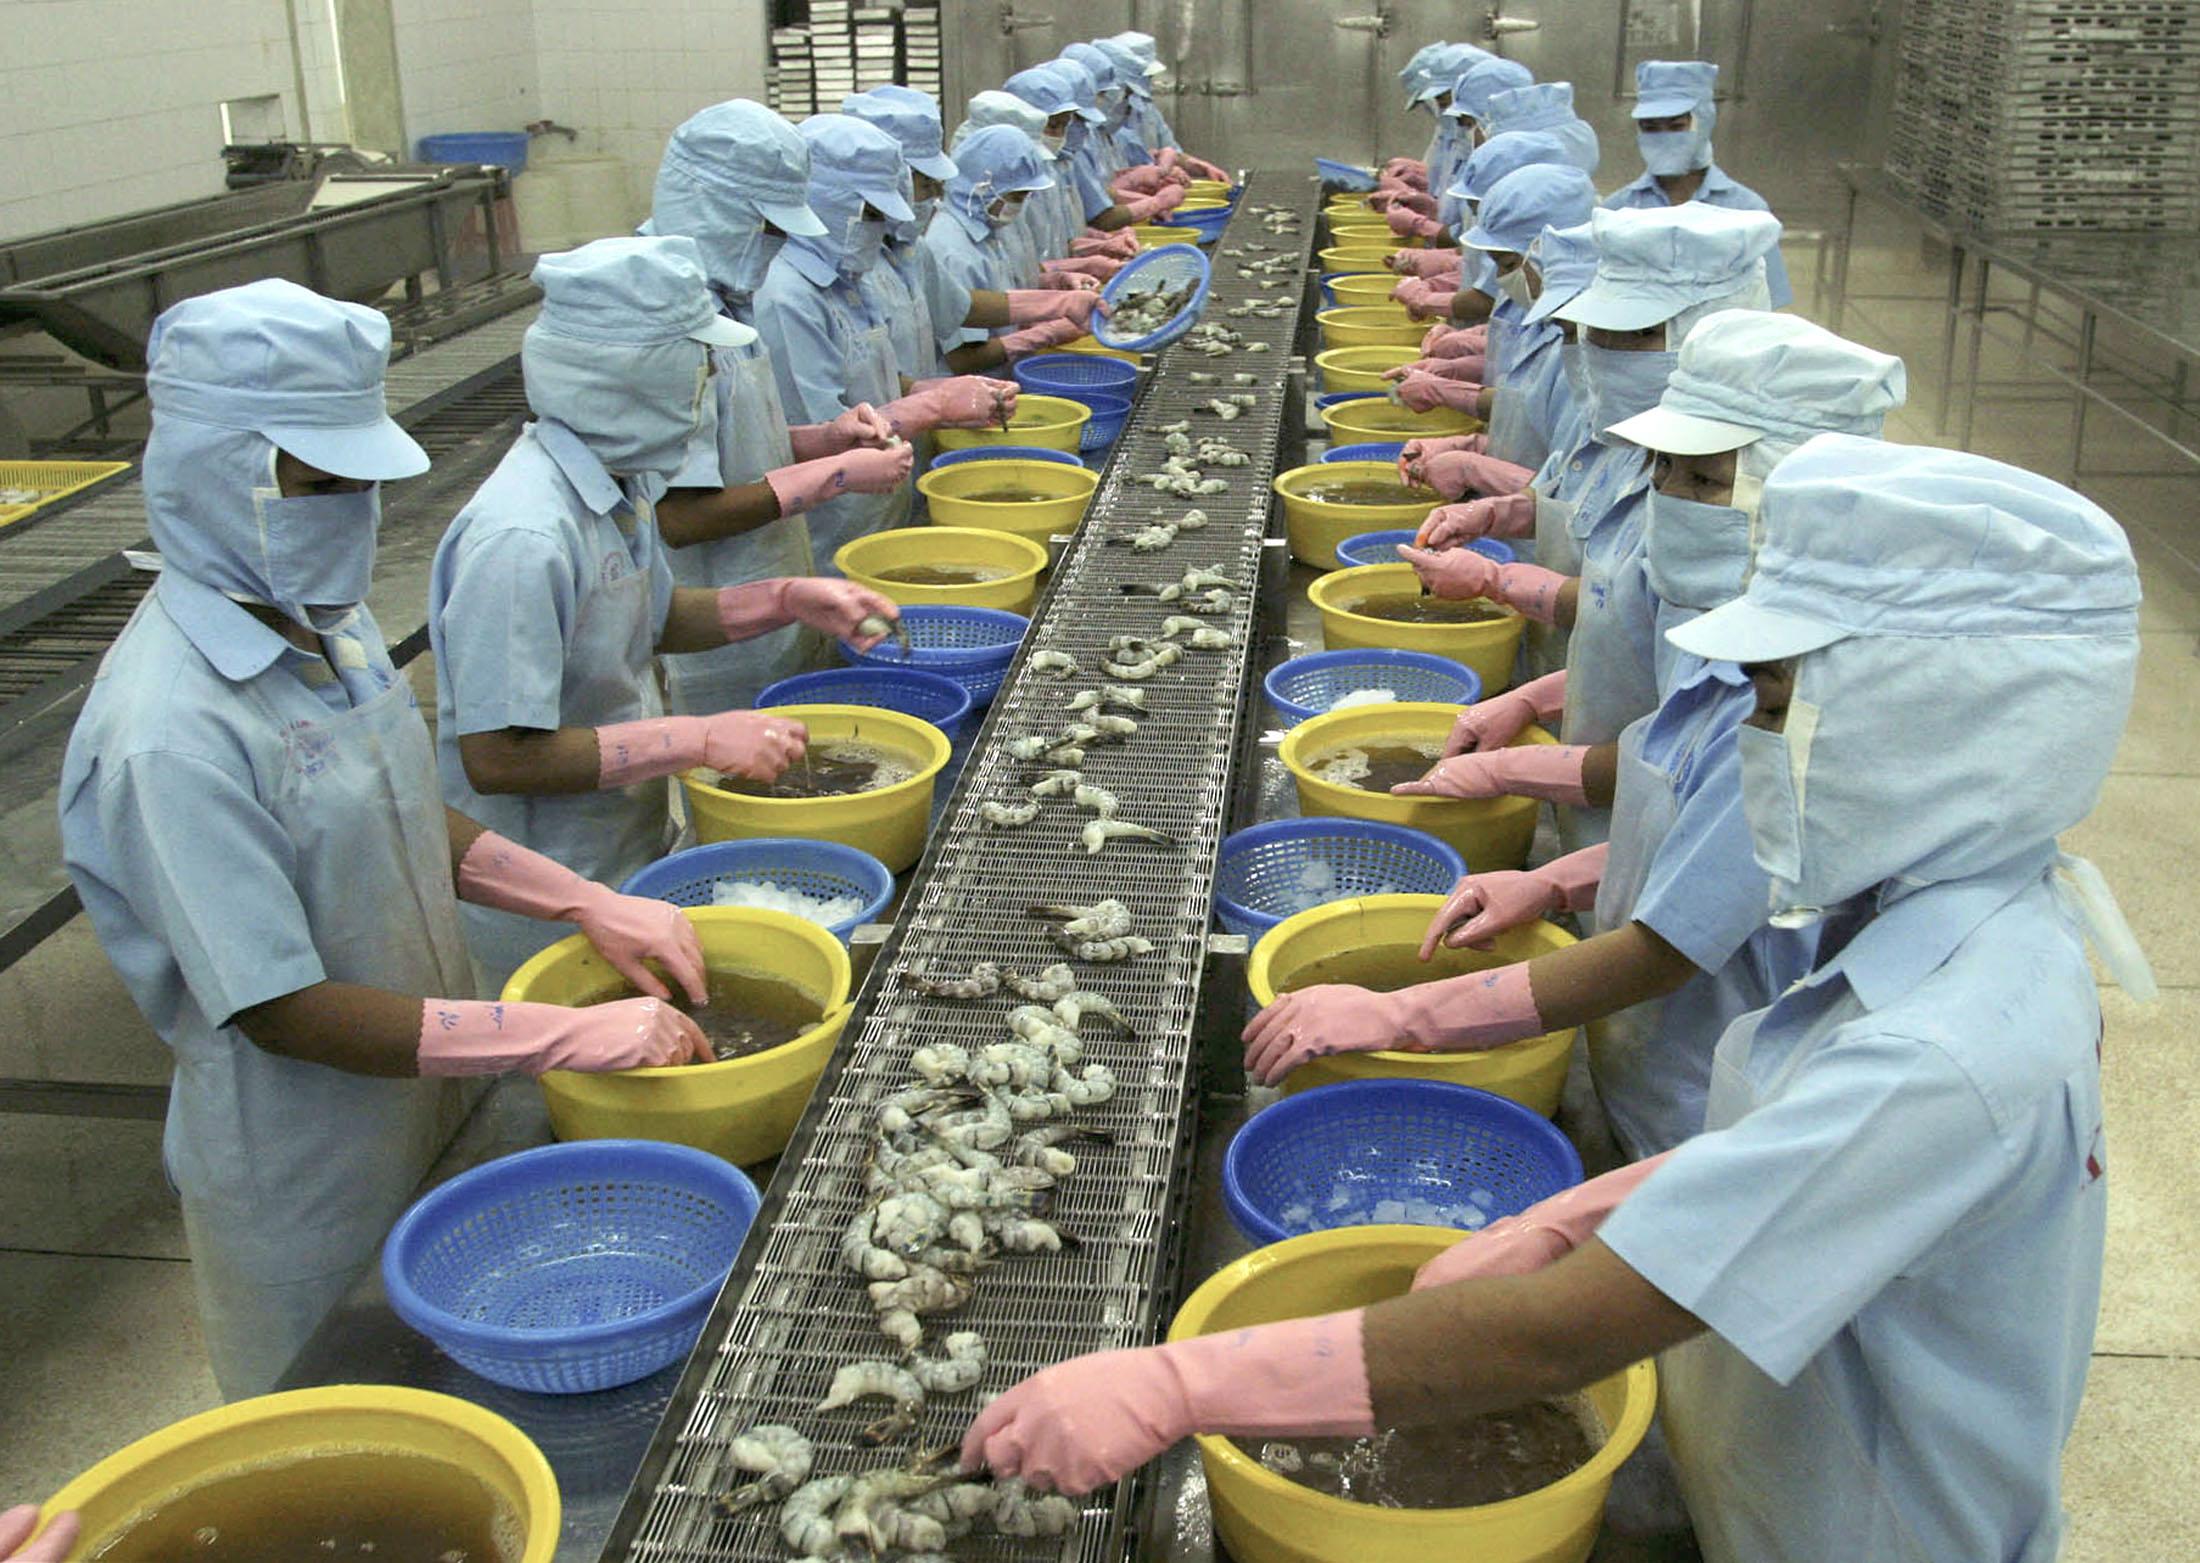 Vietnam'da bir fabrikada işçiler karides kabuklarını ayıklıyor